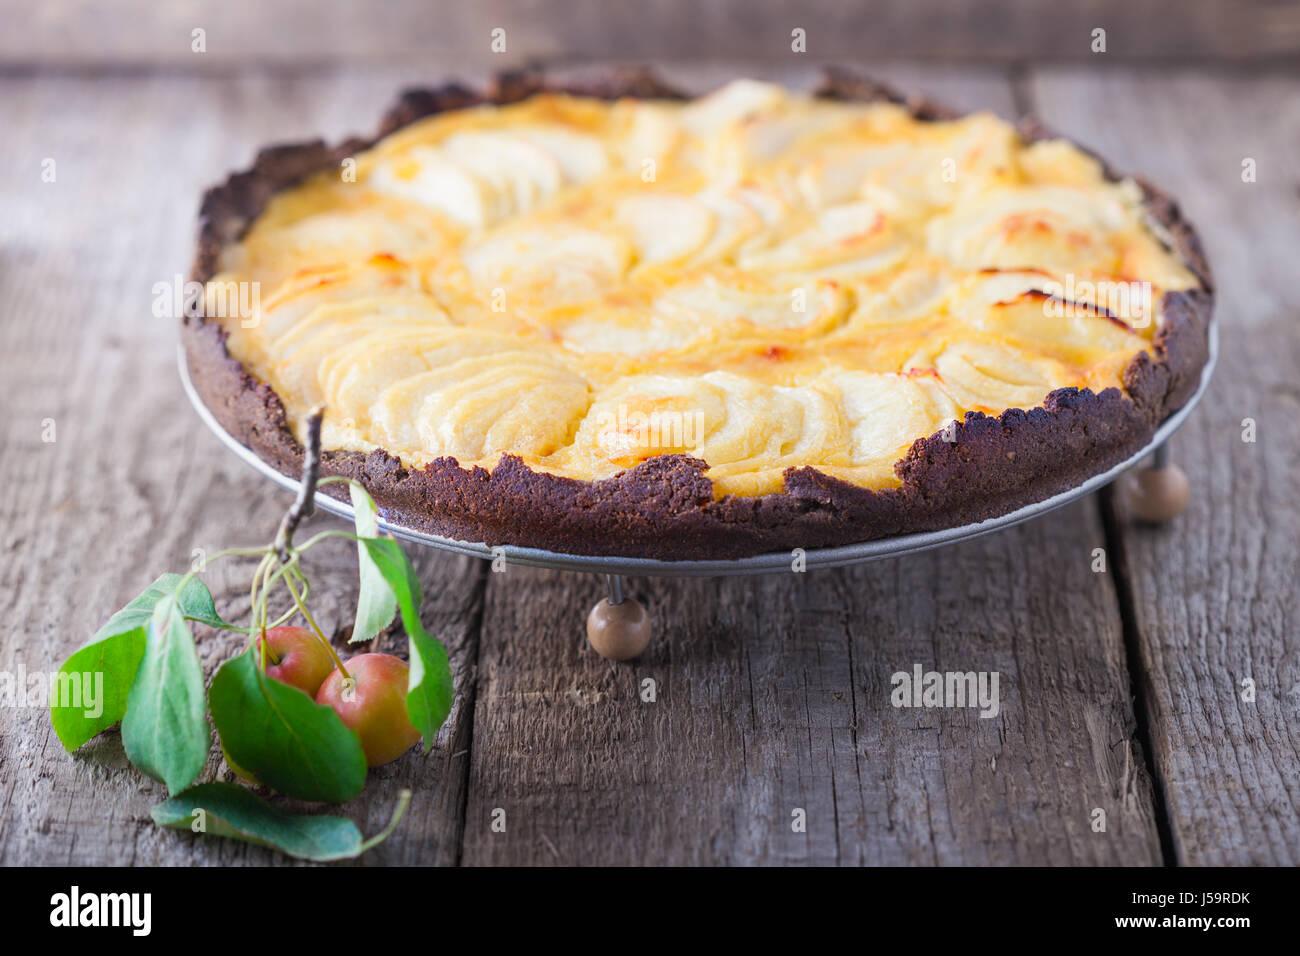 Tarte aux pommes sur la table en bois Photo Stock